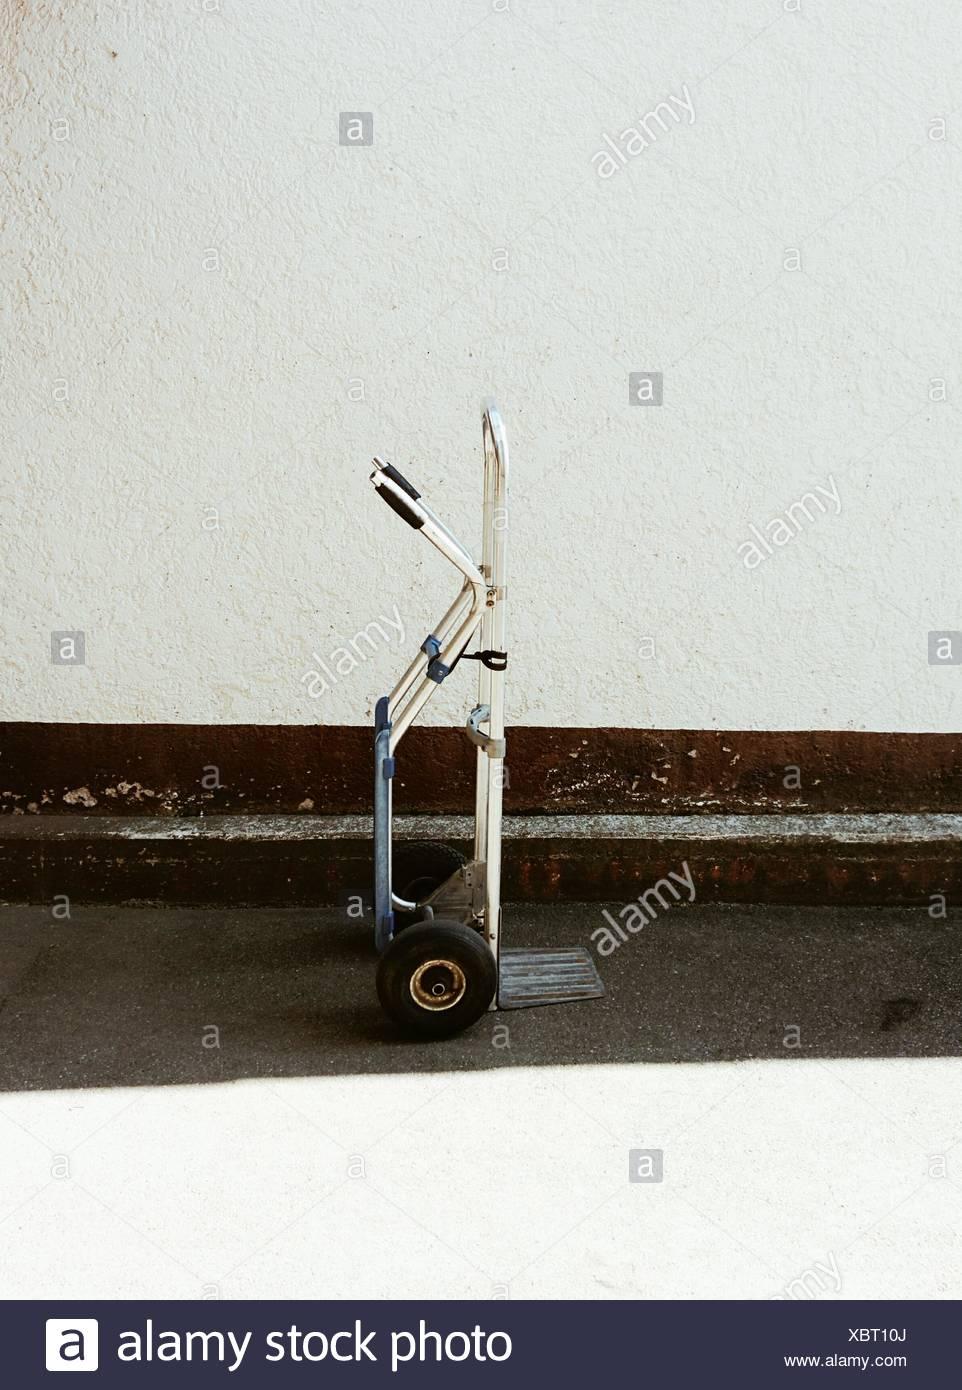 Vue latérale du véhicule objet contre le mur Photo Stock